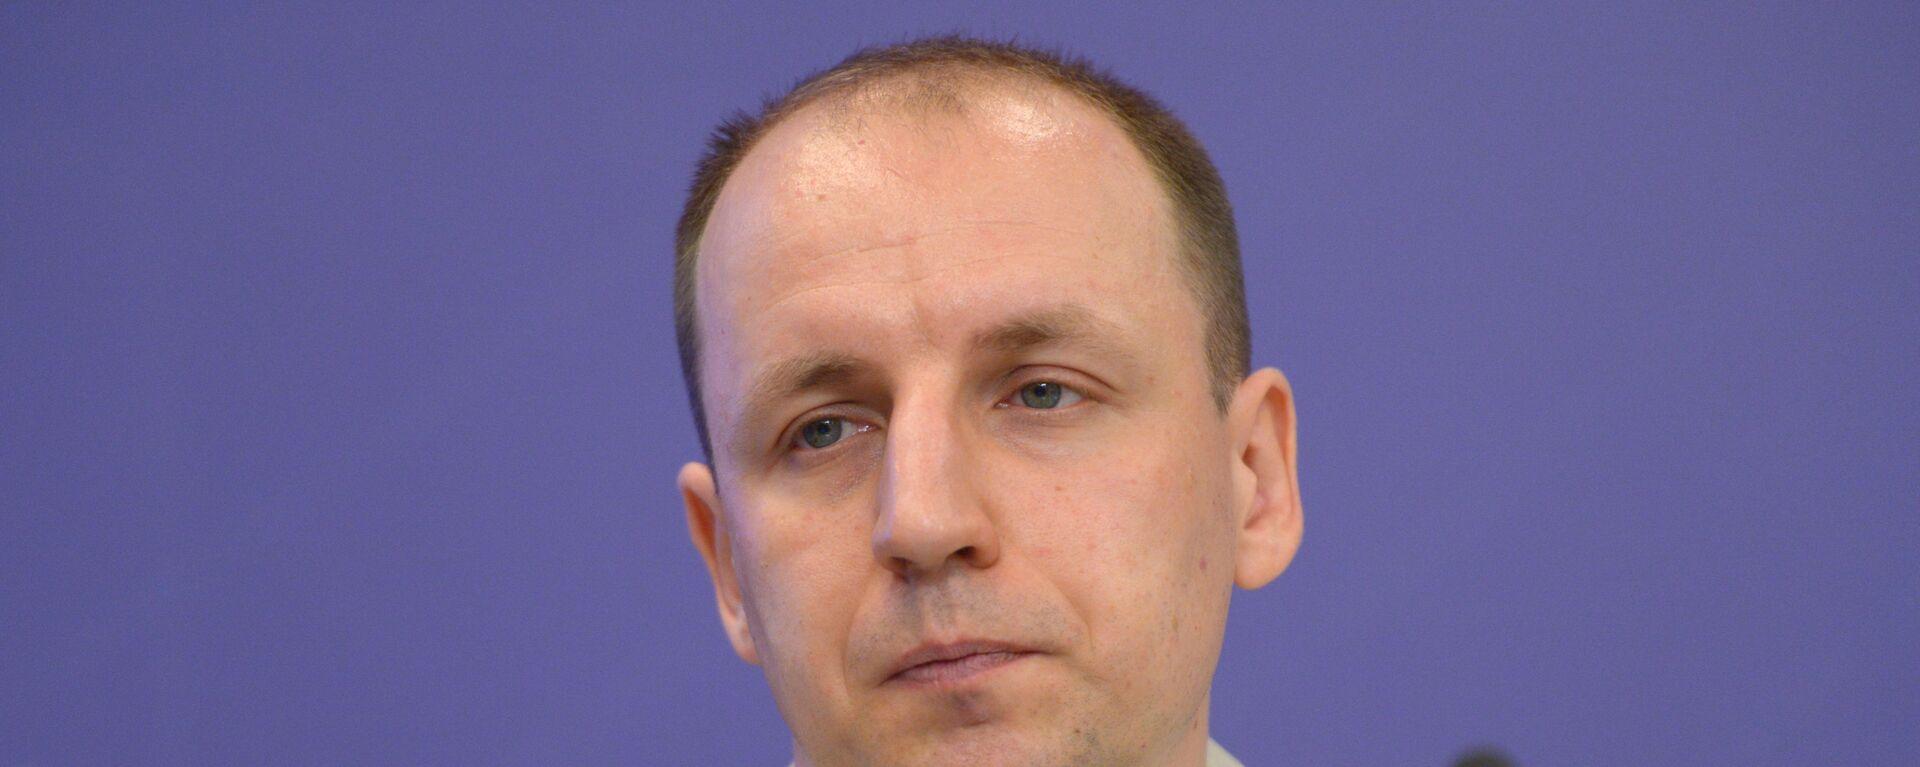 Эксперт Богдан Безпалько - Sputnik Латвия, 1920, 08.12.2020